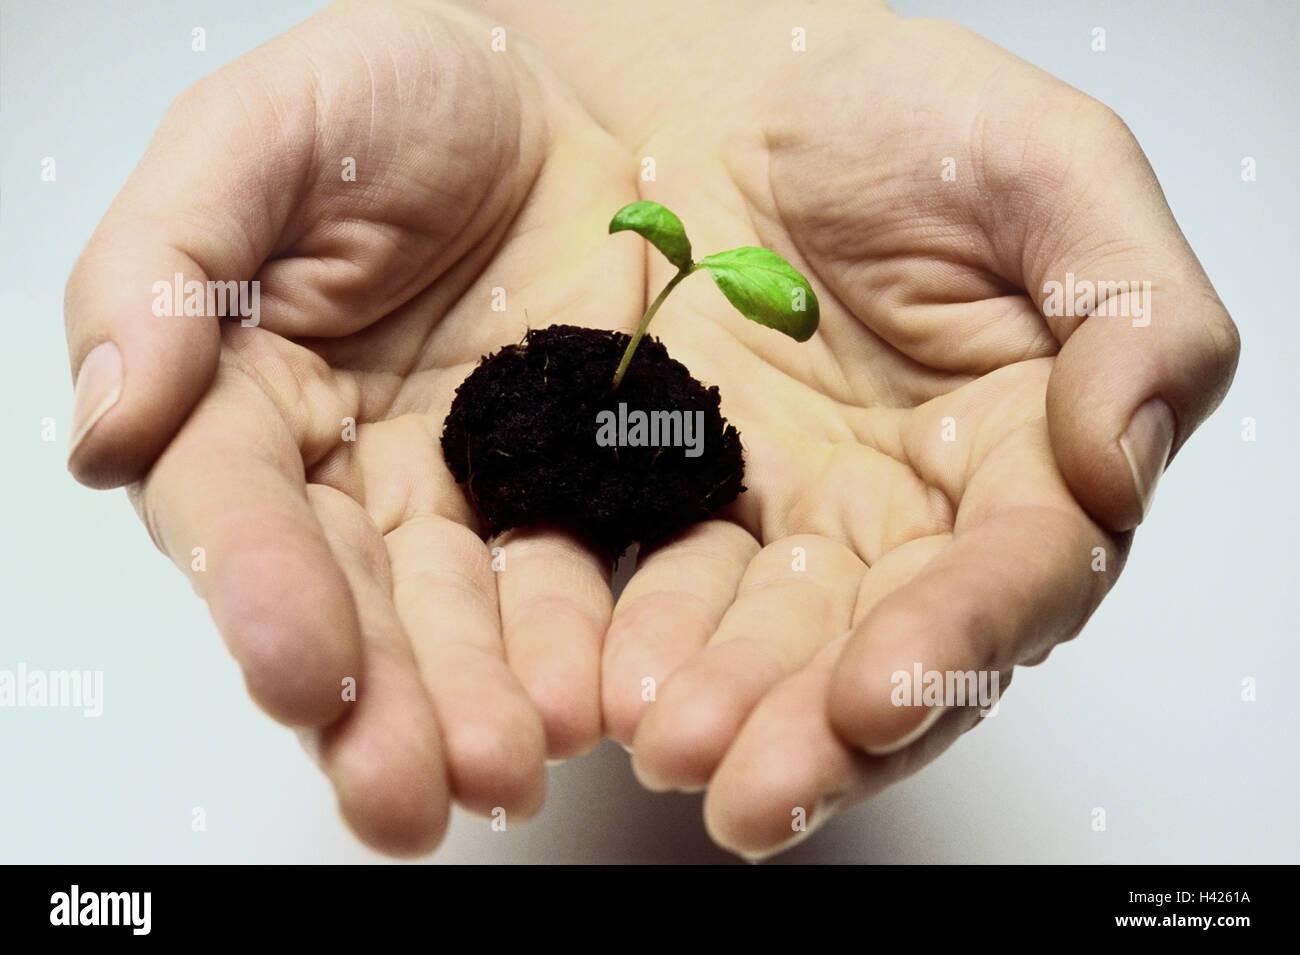 Le mani massa keimling ti persona palme mano superficie